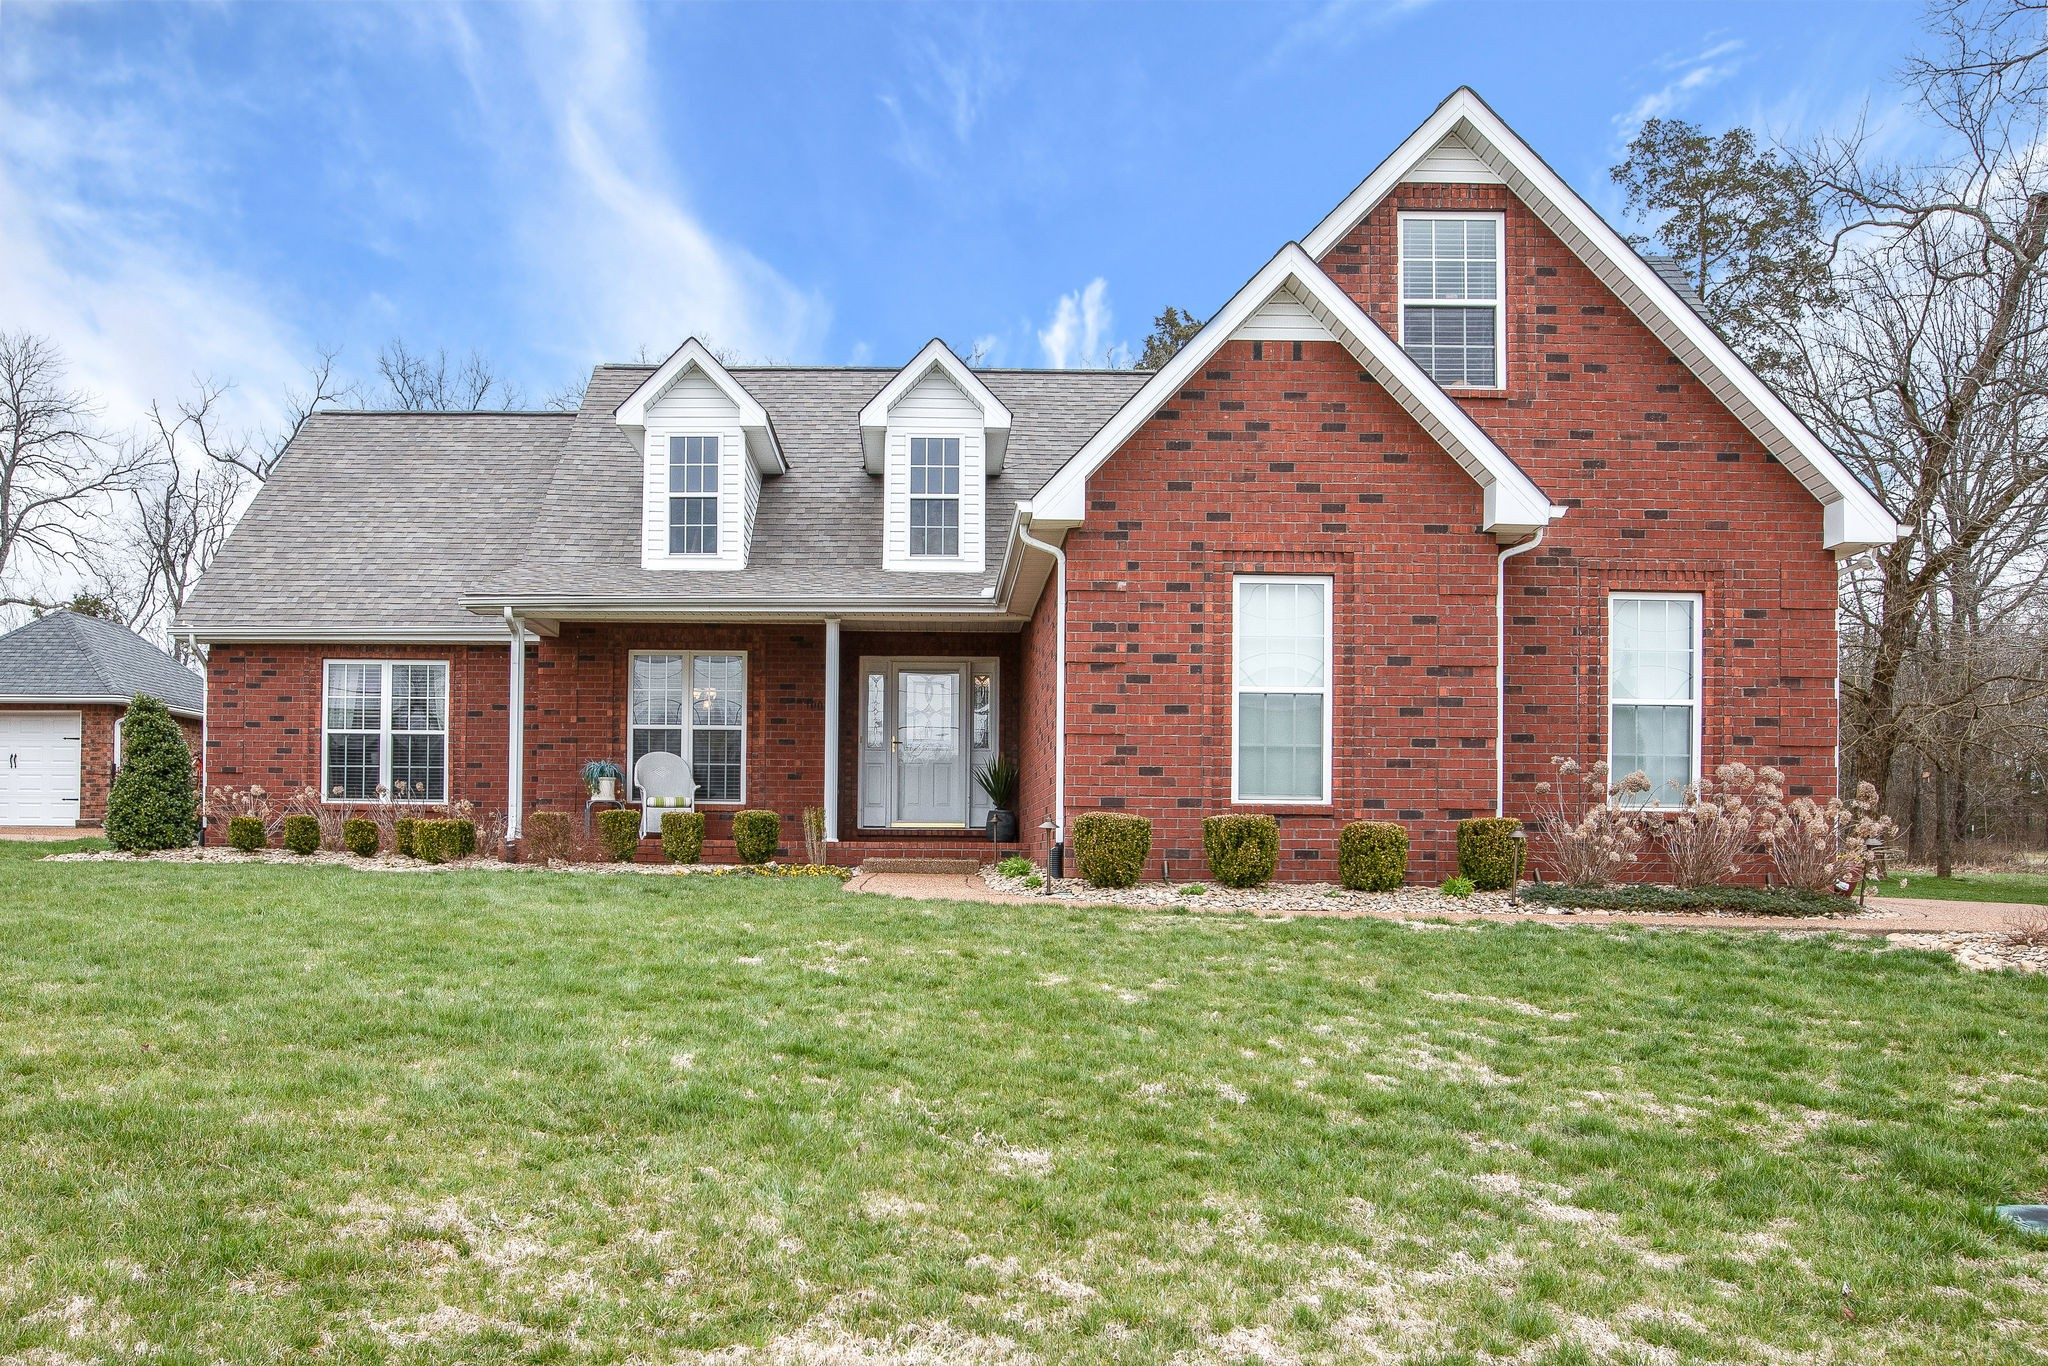 1008 Cascade Falls Dr, Murfreesboro, TN 37129 - Murfreesboro, TN real estate listing